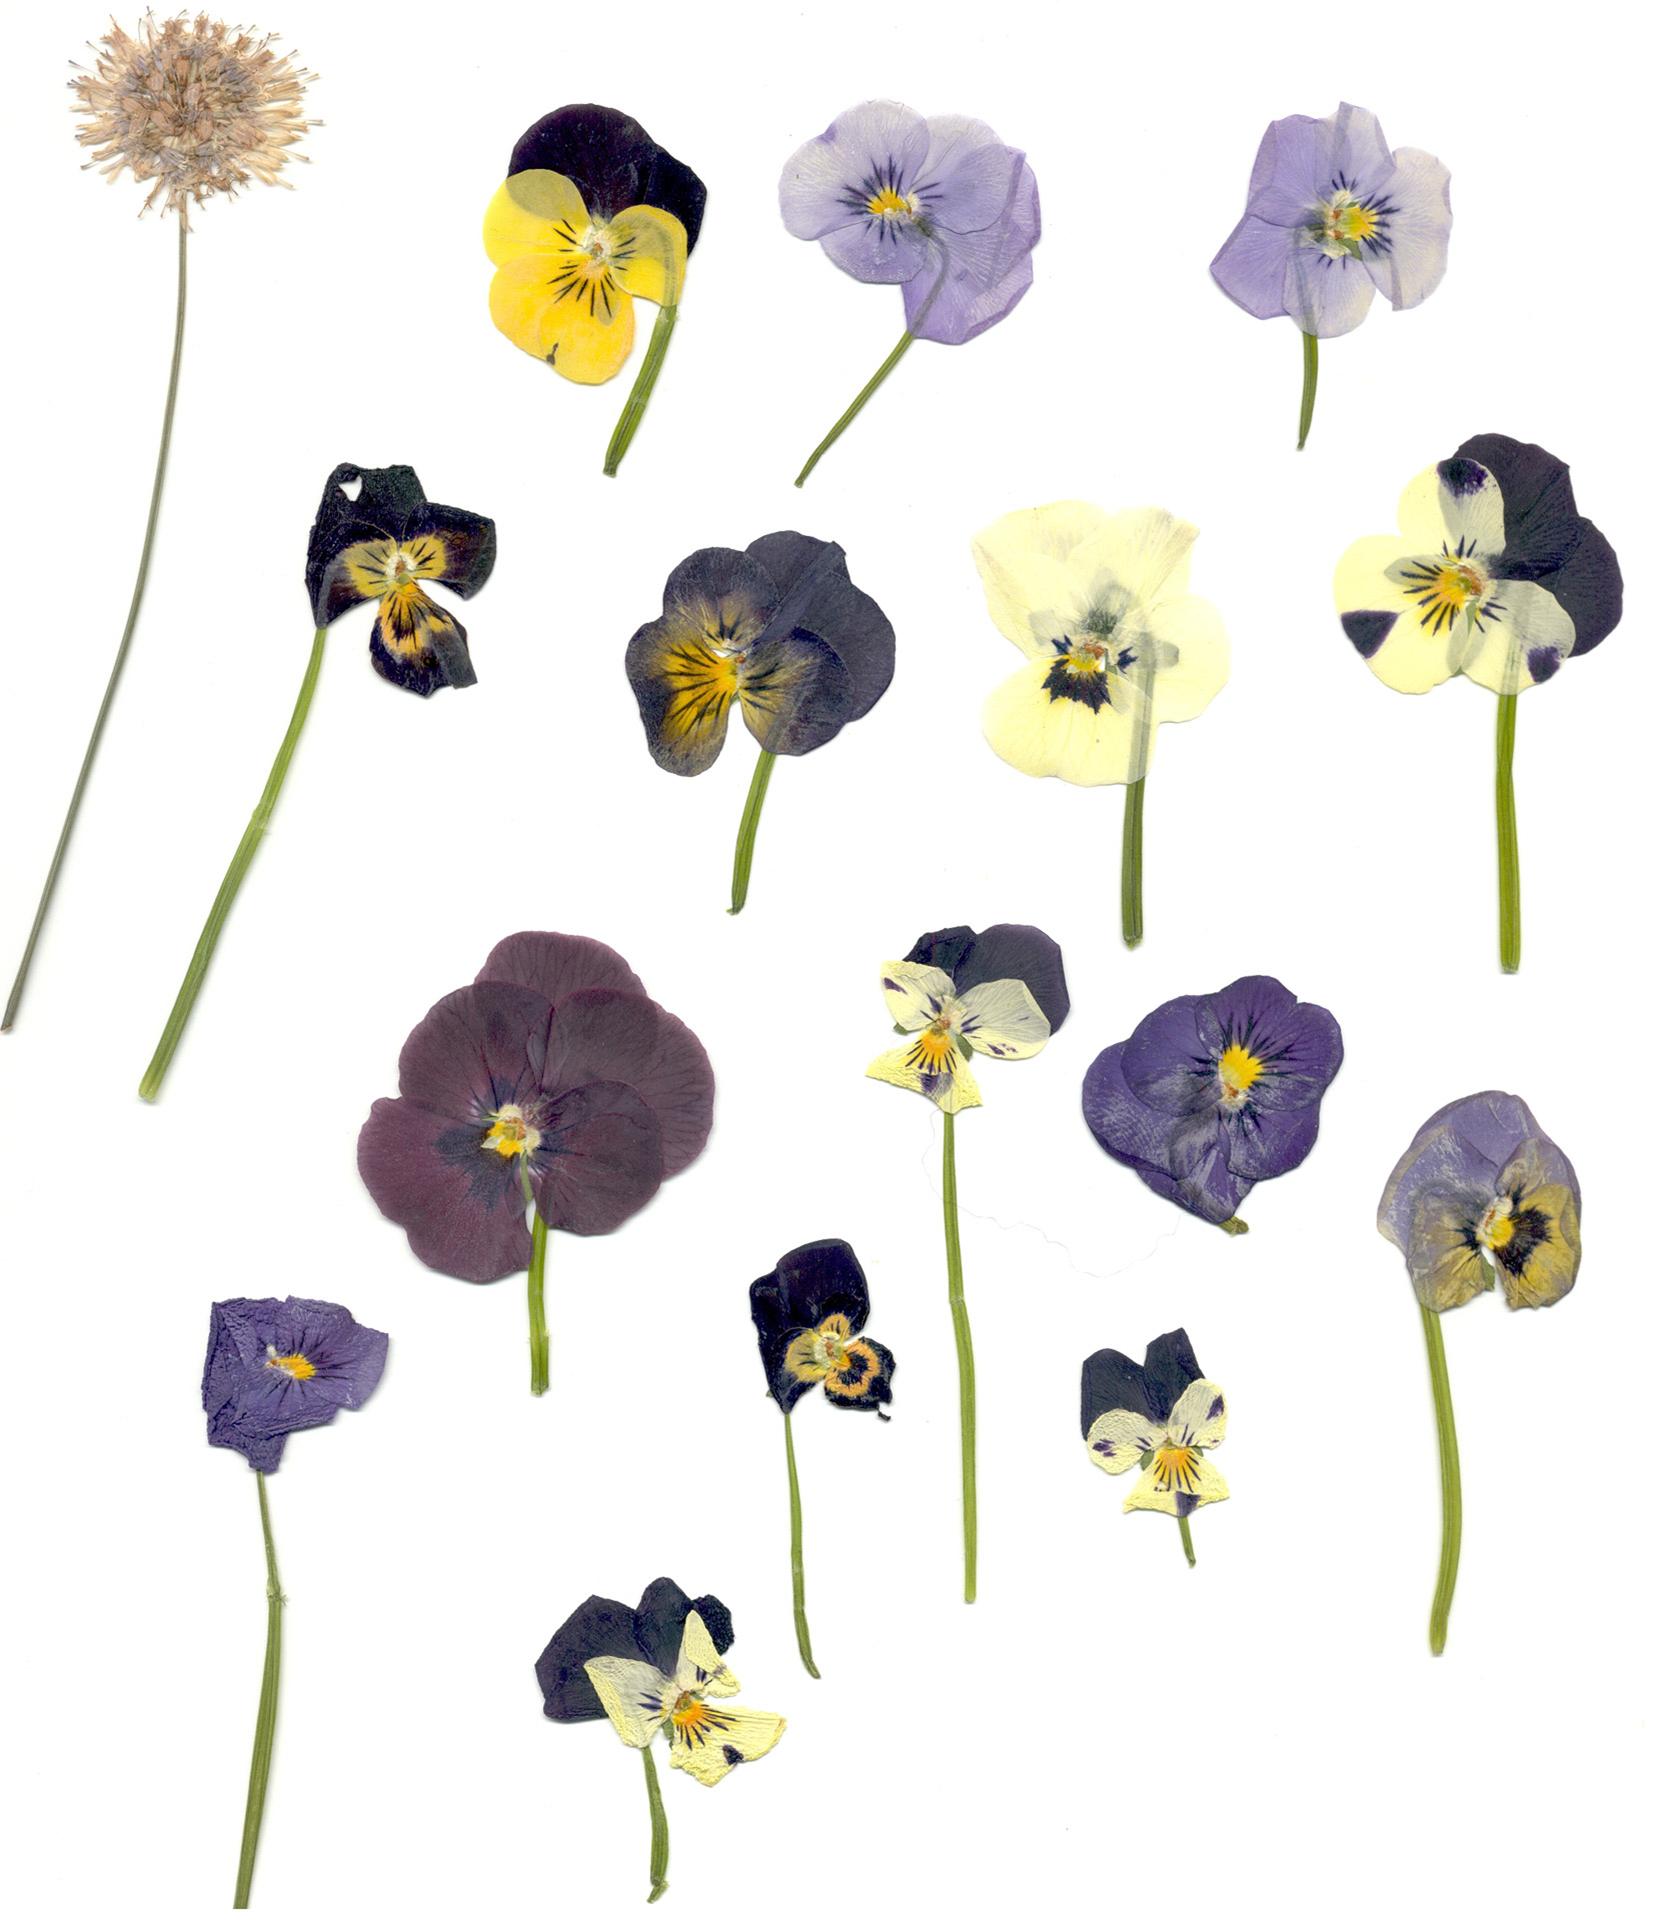 Pressed Flower Artistry – Warren Public Library